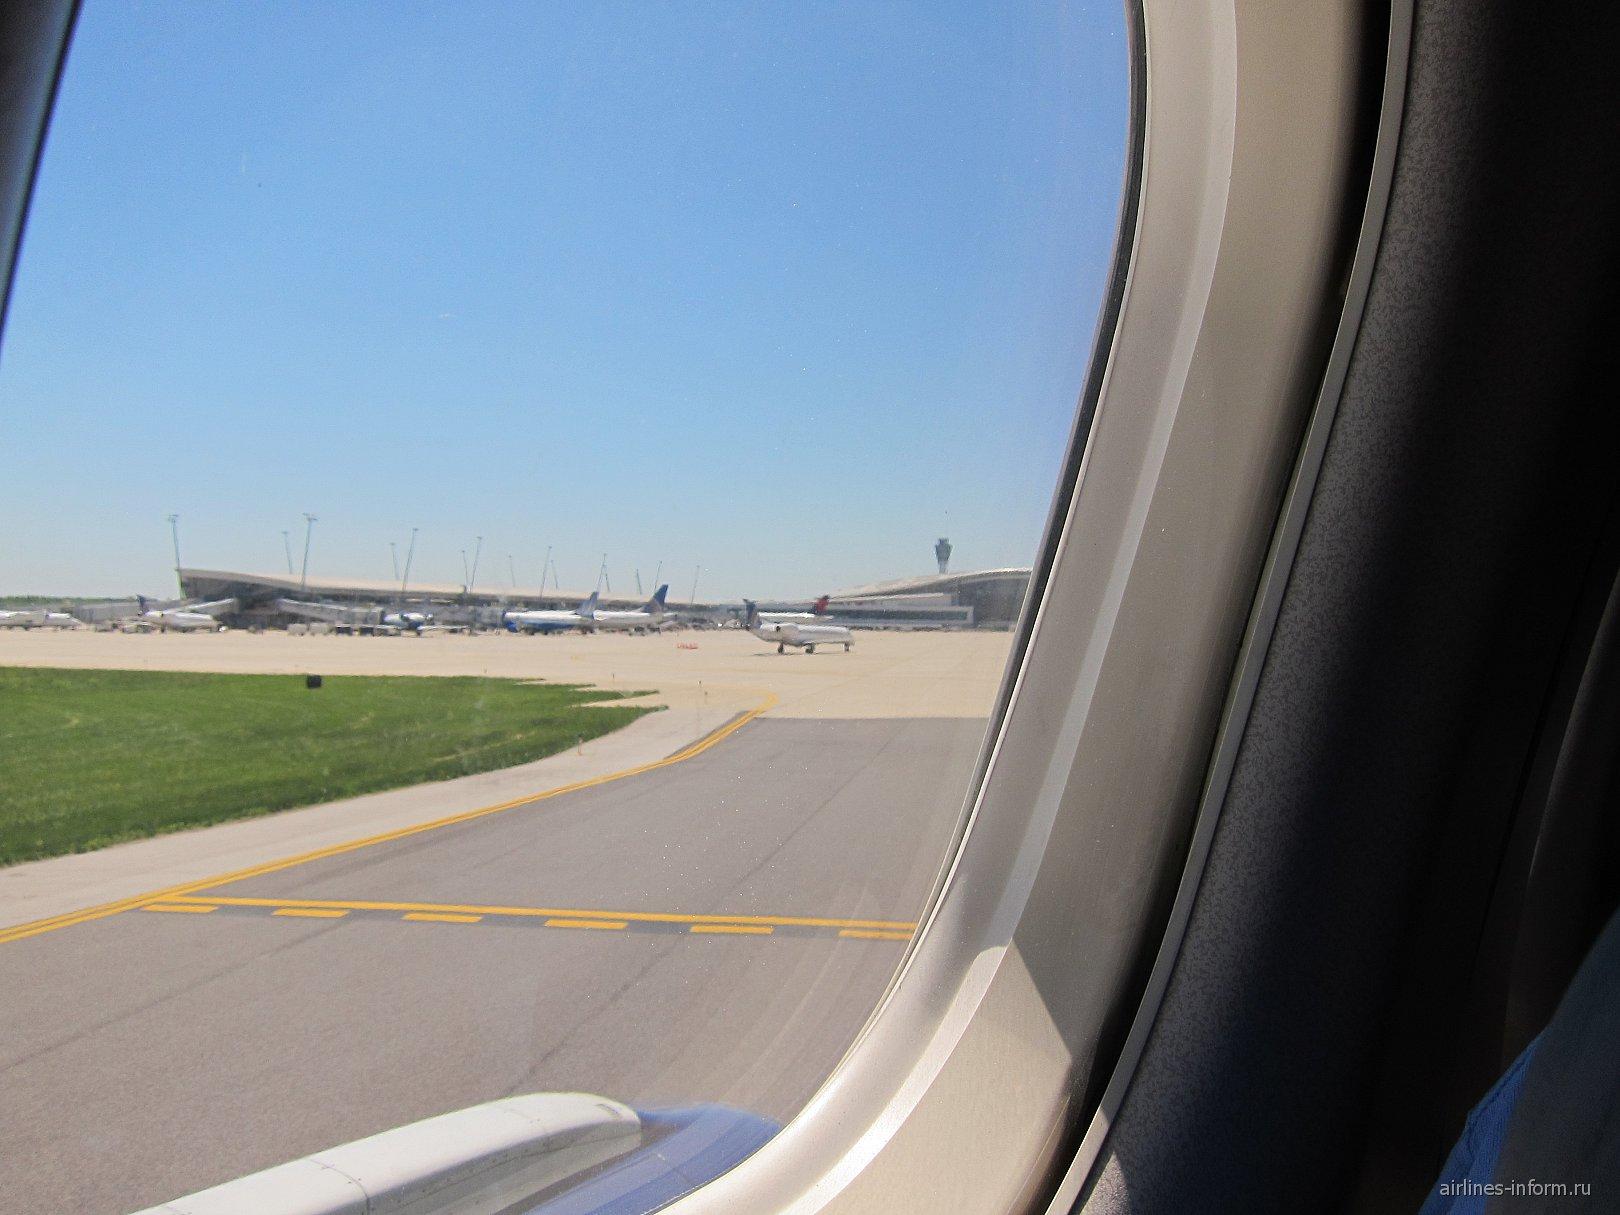 Рейс Нью-Йорк-Индианаполис авиакомпании Дельта